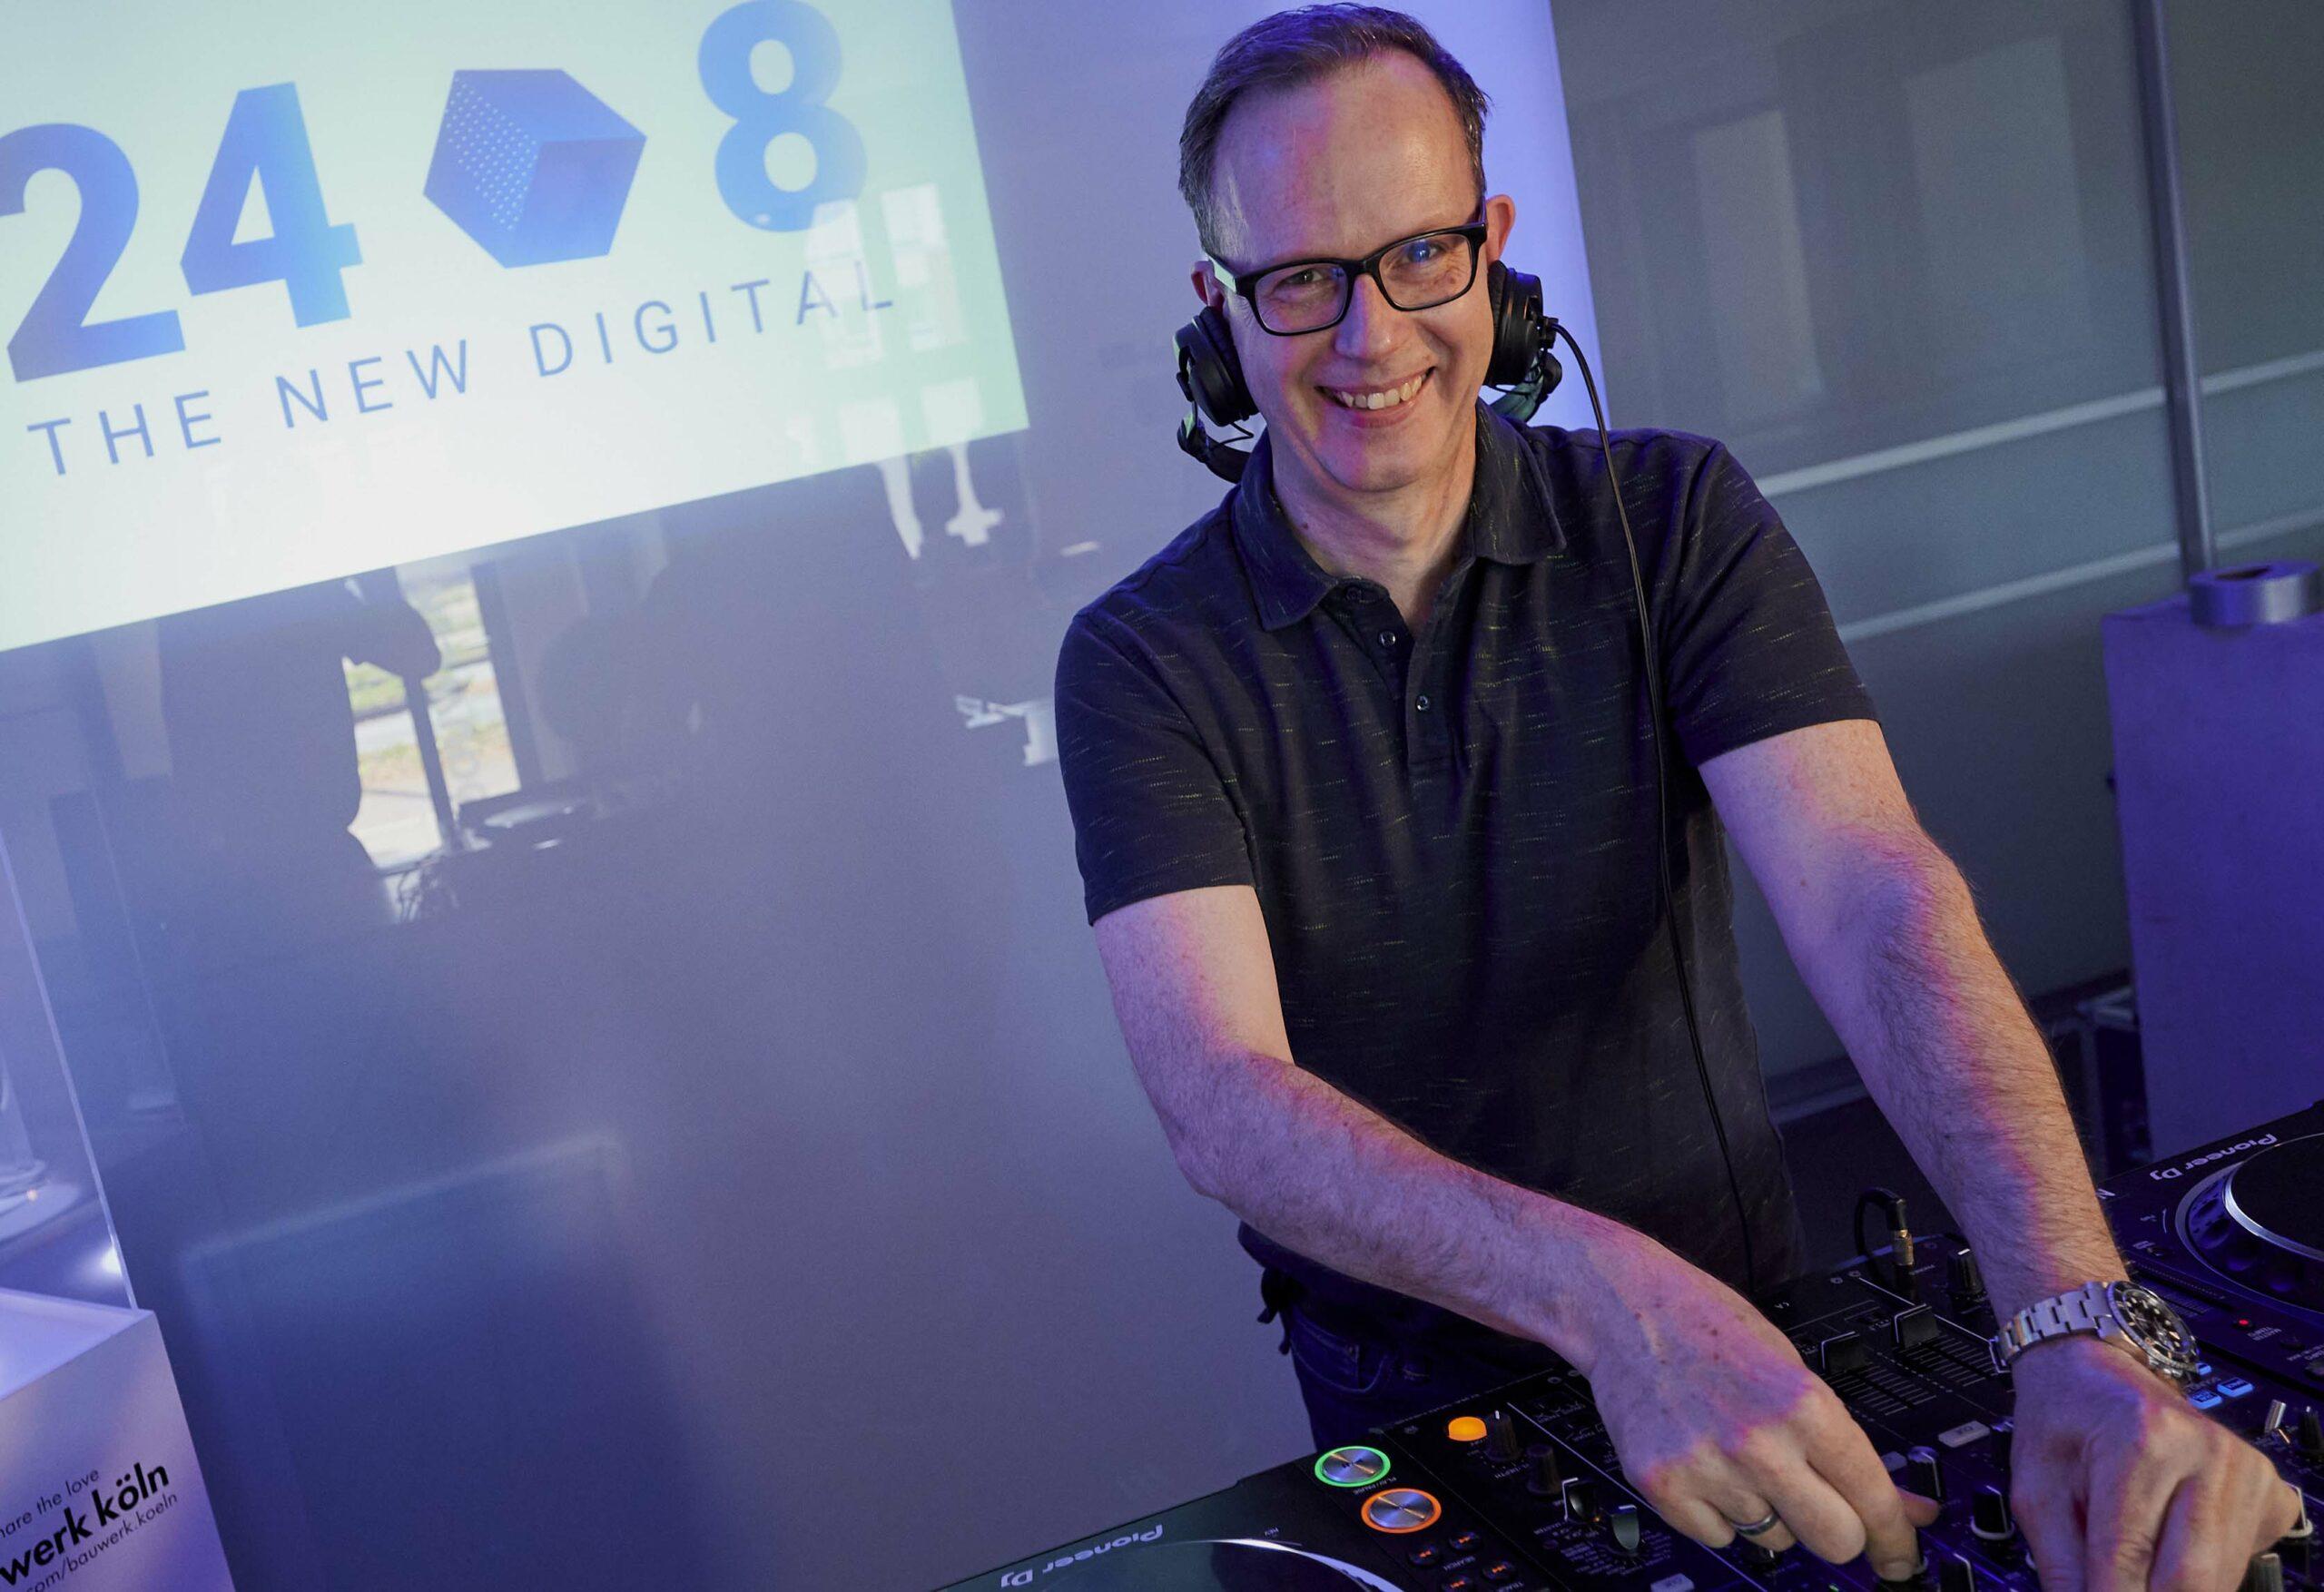 DJ René Pera blickt bei einem Online Event in die Kamera. Im Hintergrund sieht man das Logo 24/8 The New Digital